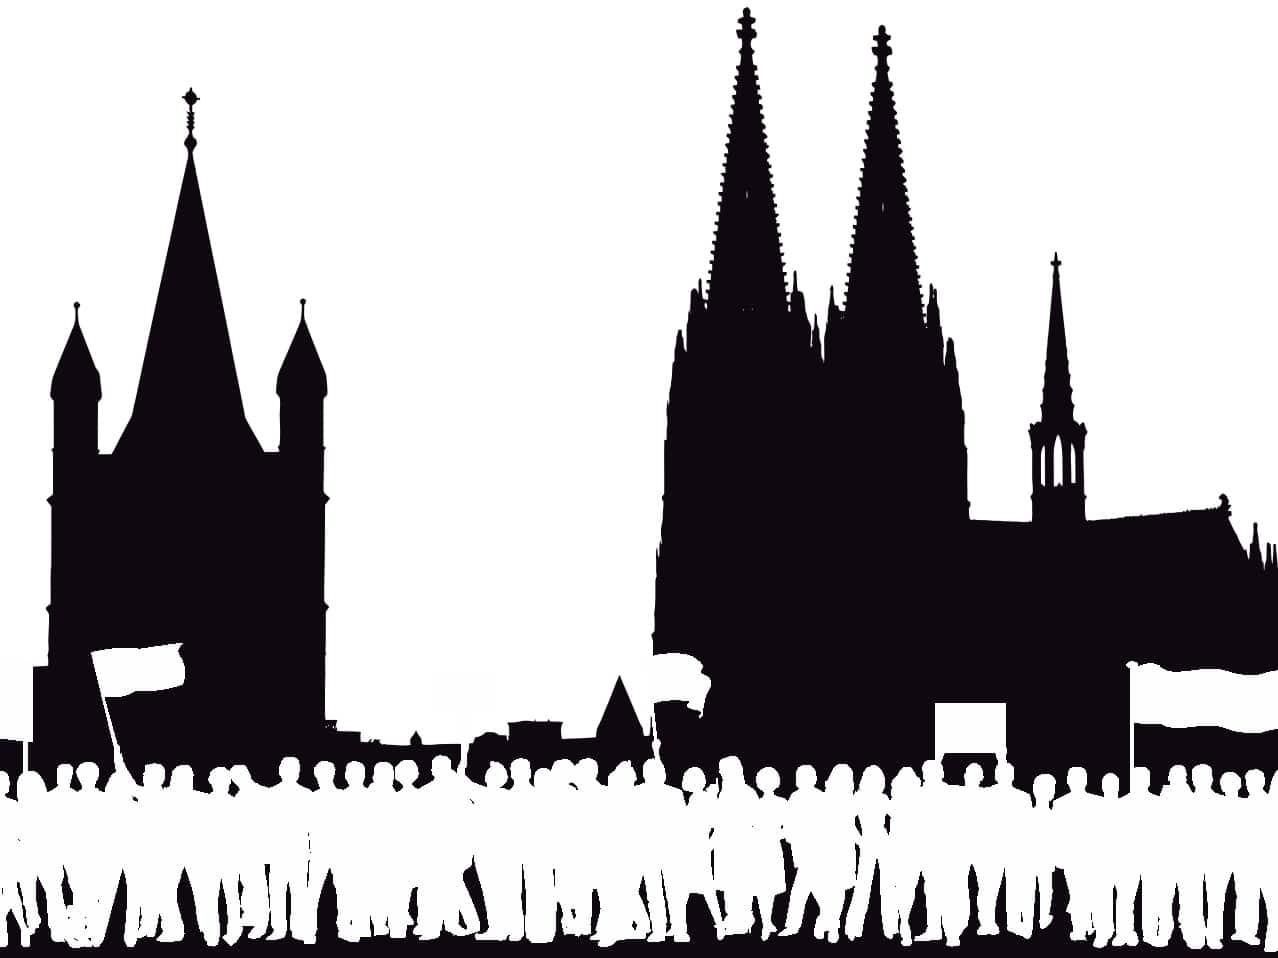 Über 50.000 Demonstranten werden zum AfD-Bundesparteitag in Köln erwartet. copyright: CityNEWS / pixabay.com